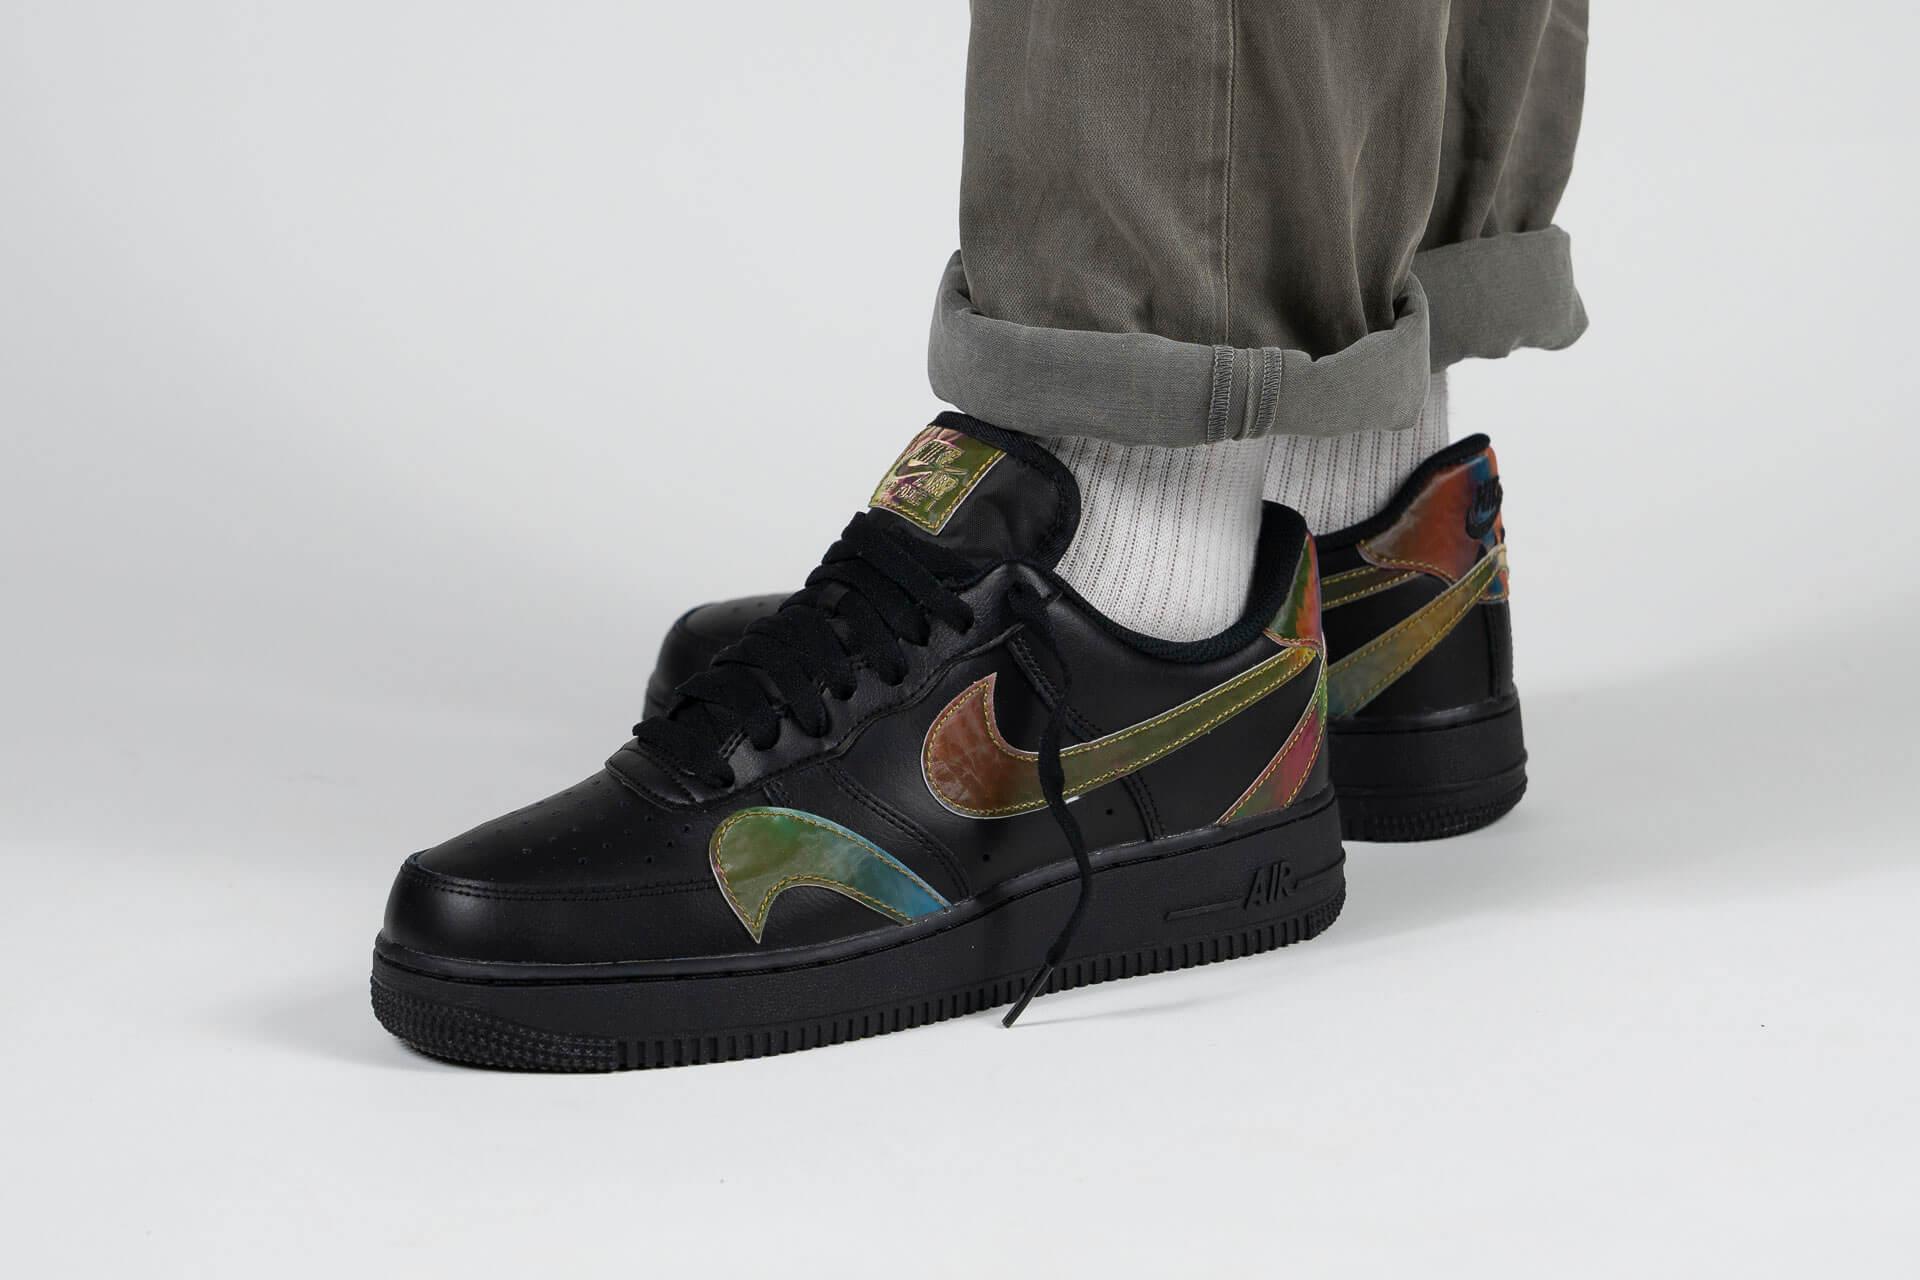 zeigt Air Force 1 '07 LV8 von Nike